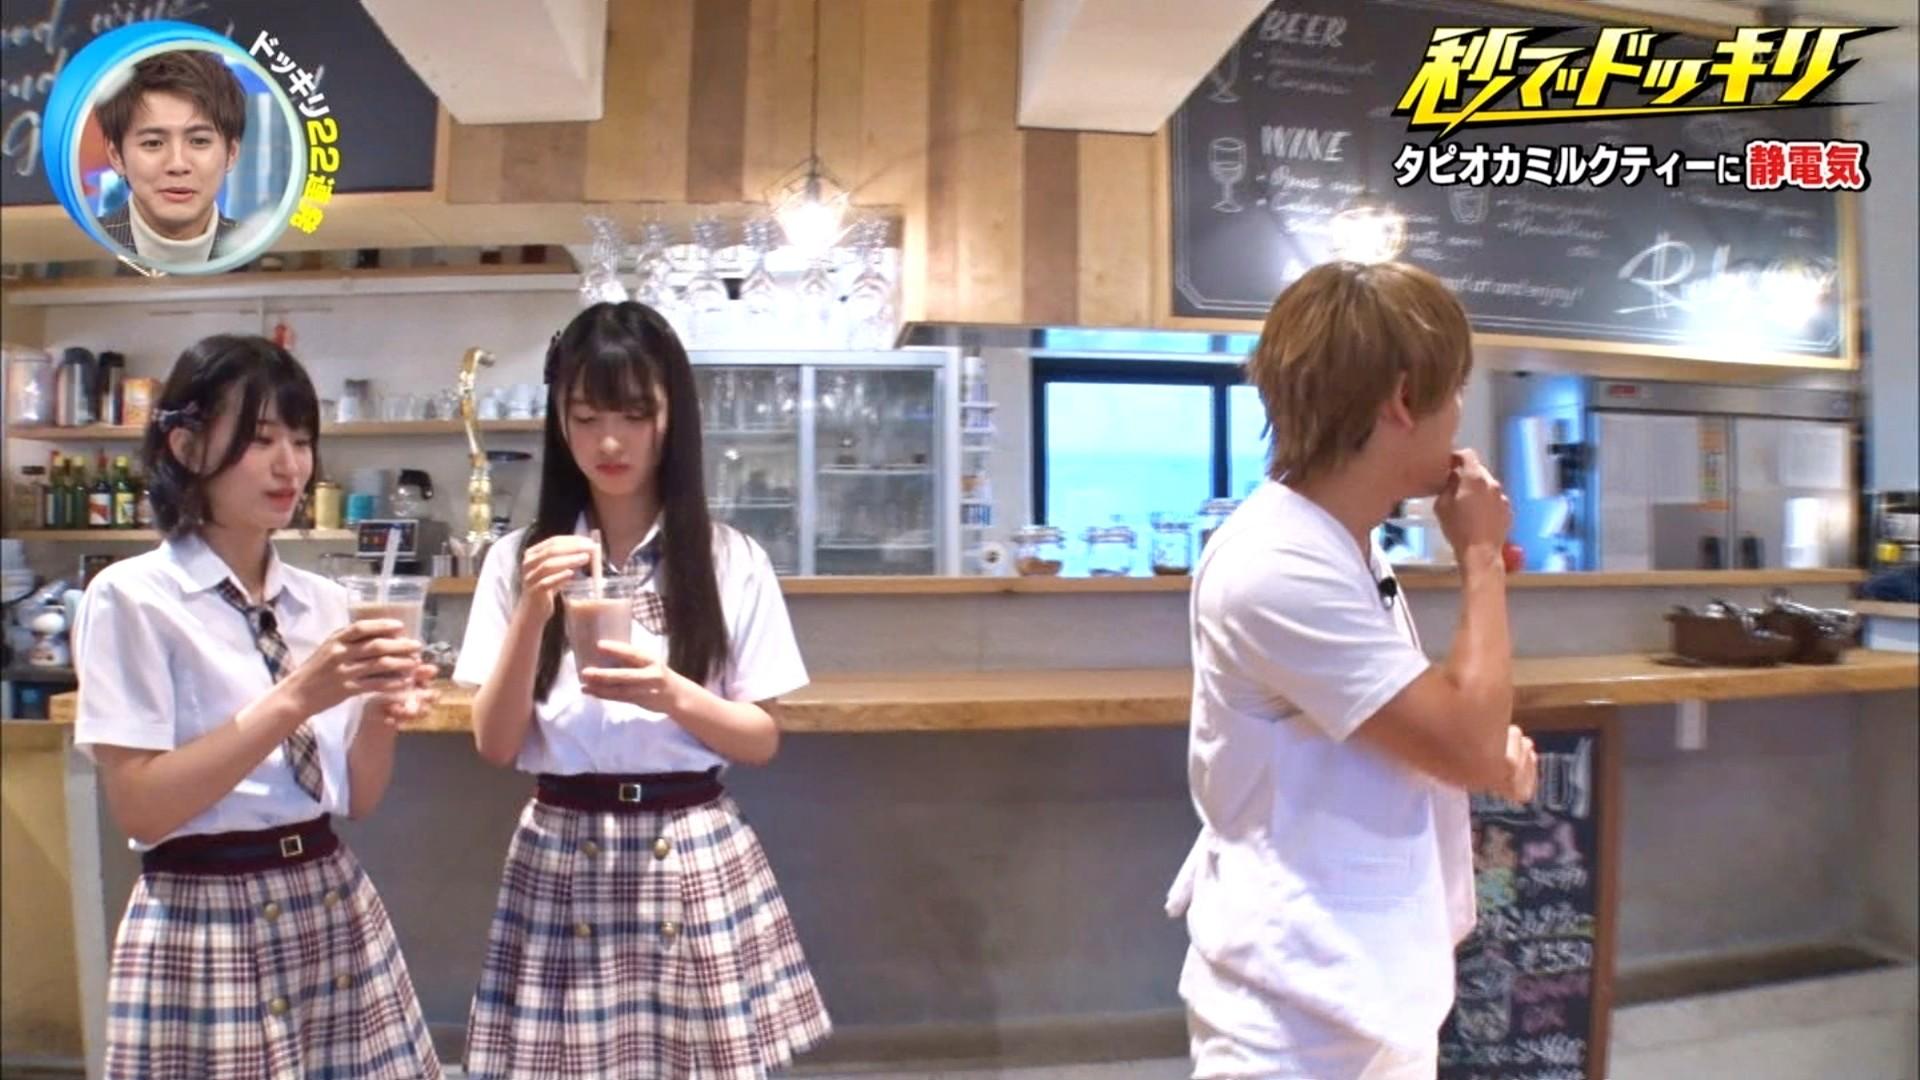 2019年11月30日にフジテレビ系列でほうそうされた「芸能人が本気で考えた!ドッキリGP」に出演したNMB48上西怜・大田莉央奈の画像-014